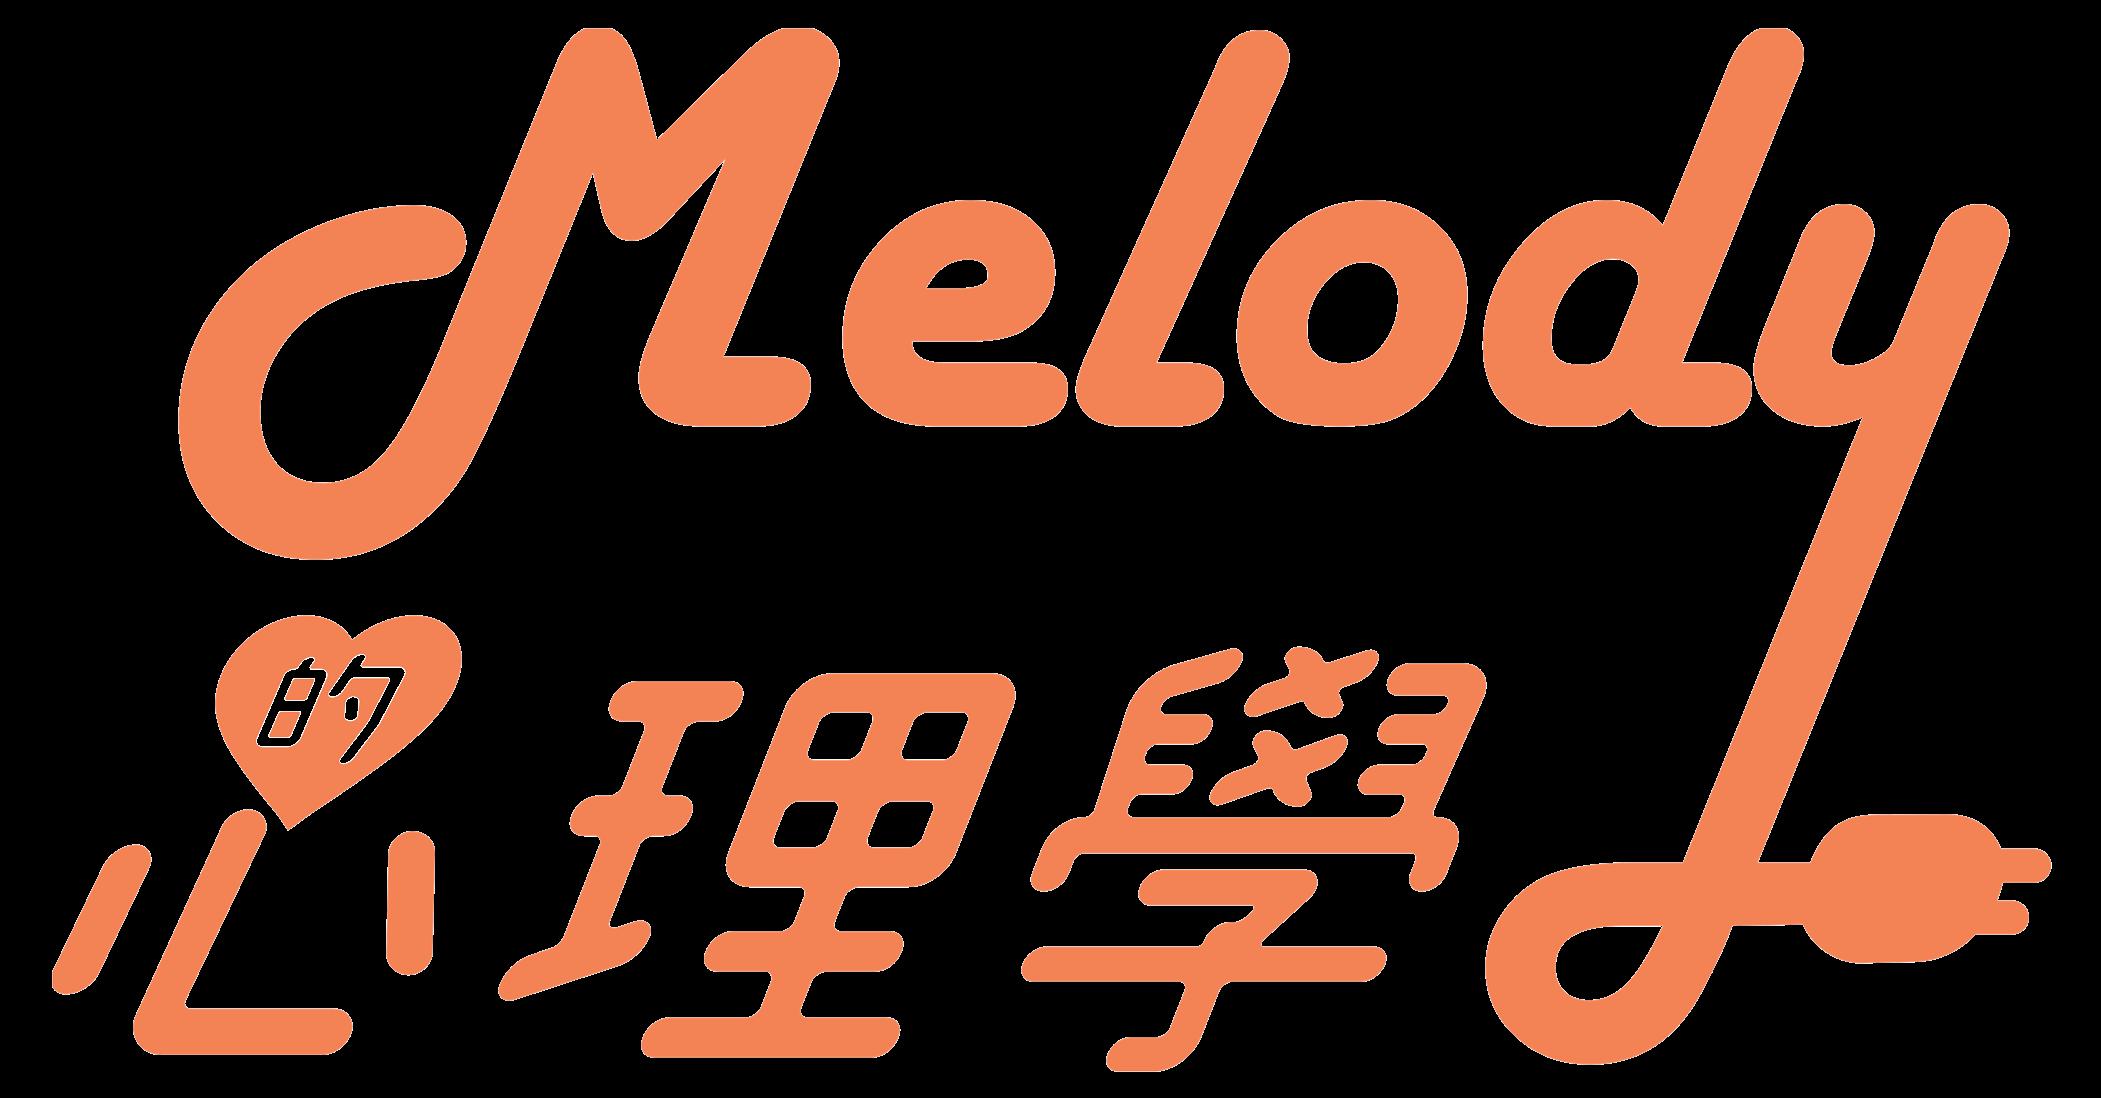 MelodyLiao